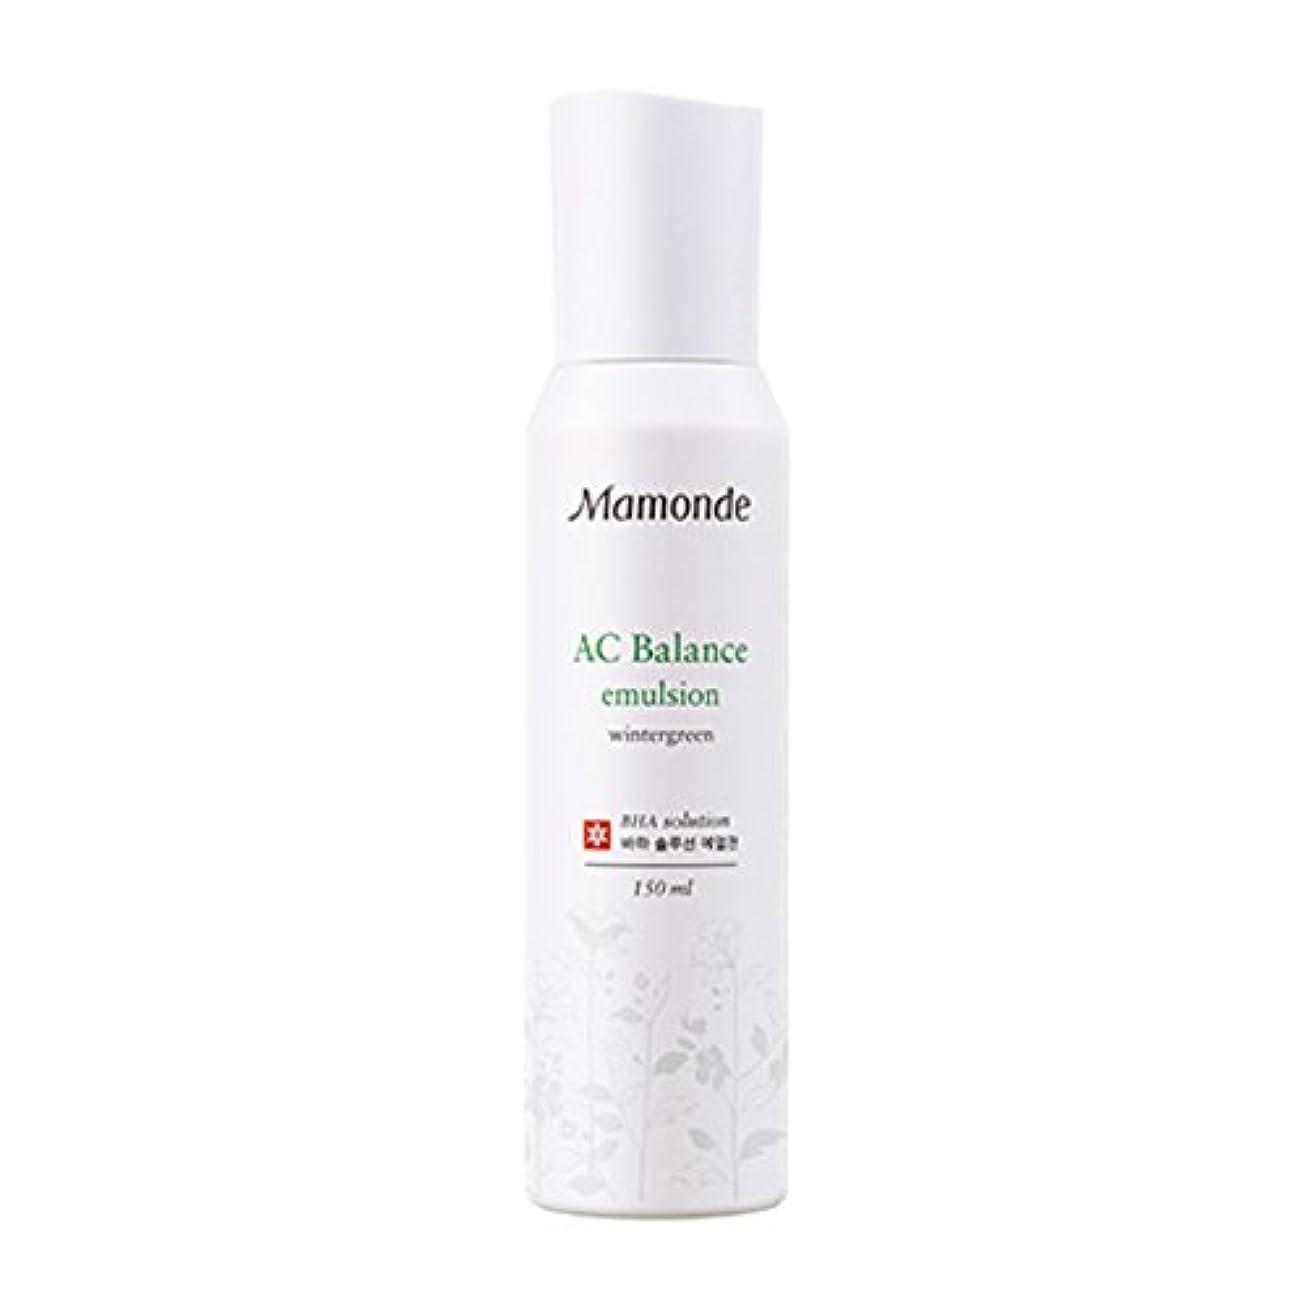 対熱心なインディカ[New] Mamonde AC Balance Emulsion 150ml/マモンド AC バランス エマルジョン 150ml [並行輸入品]